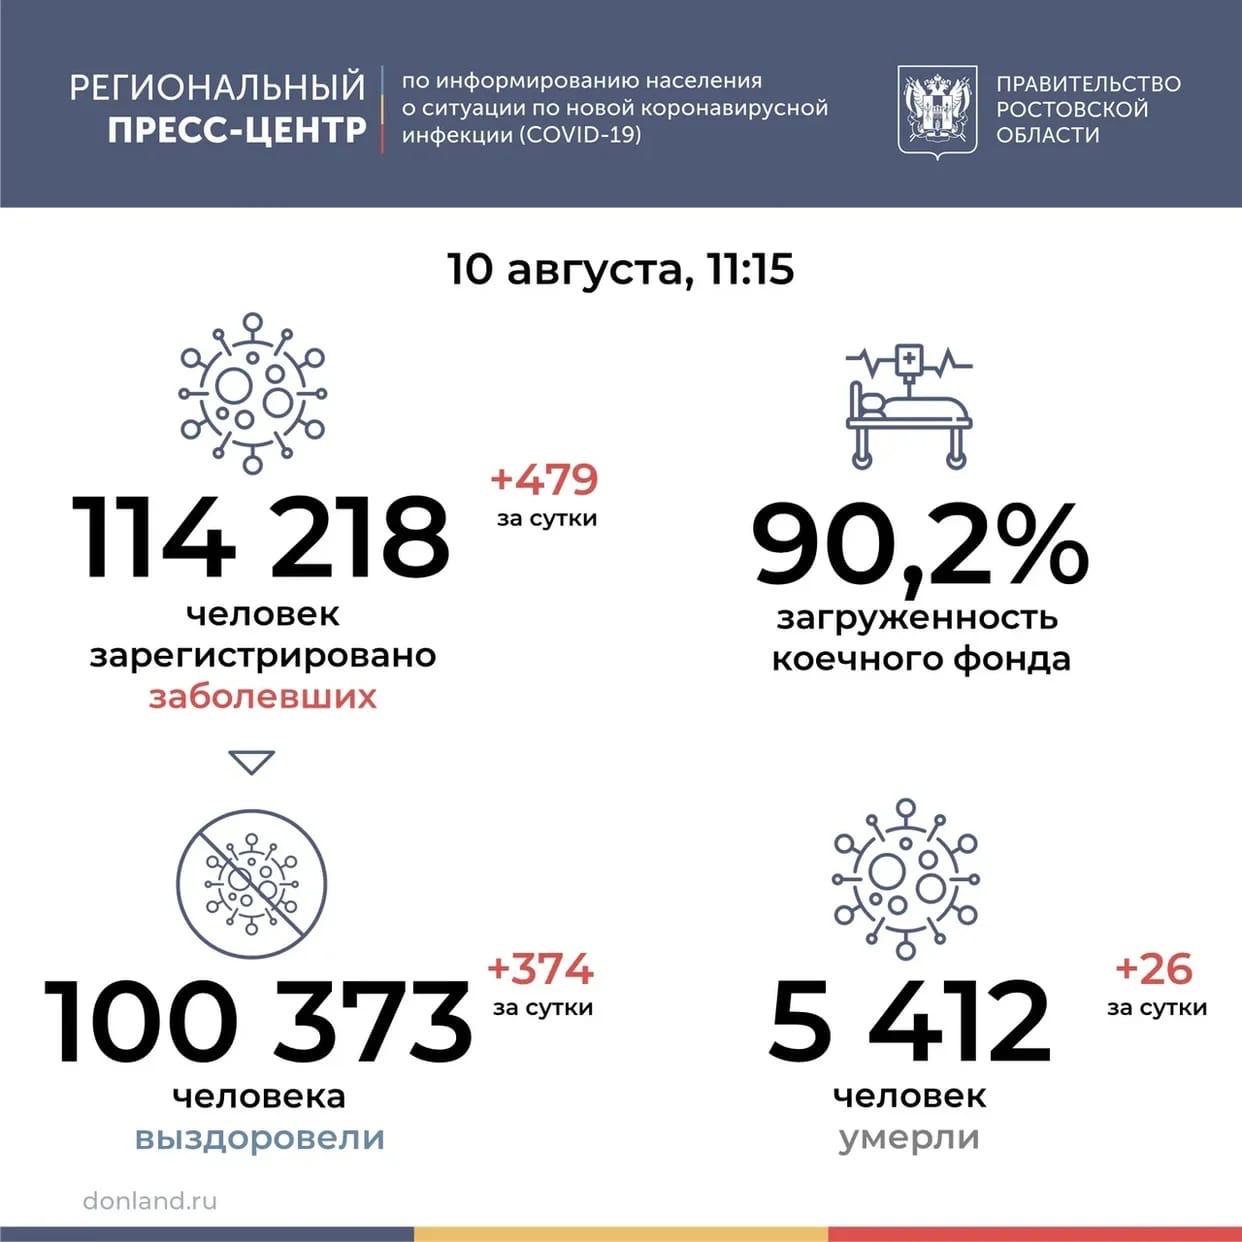 На Дону от COVID-19 за сутки умерли 26 человек